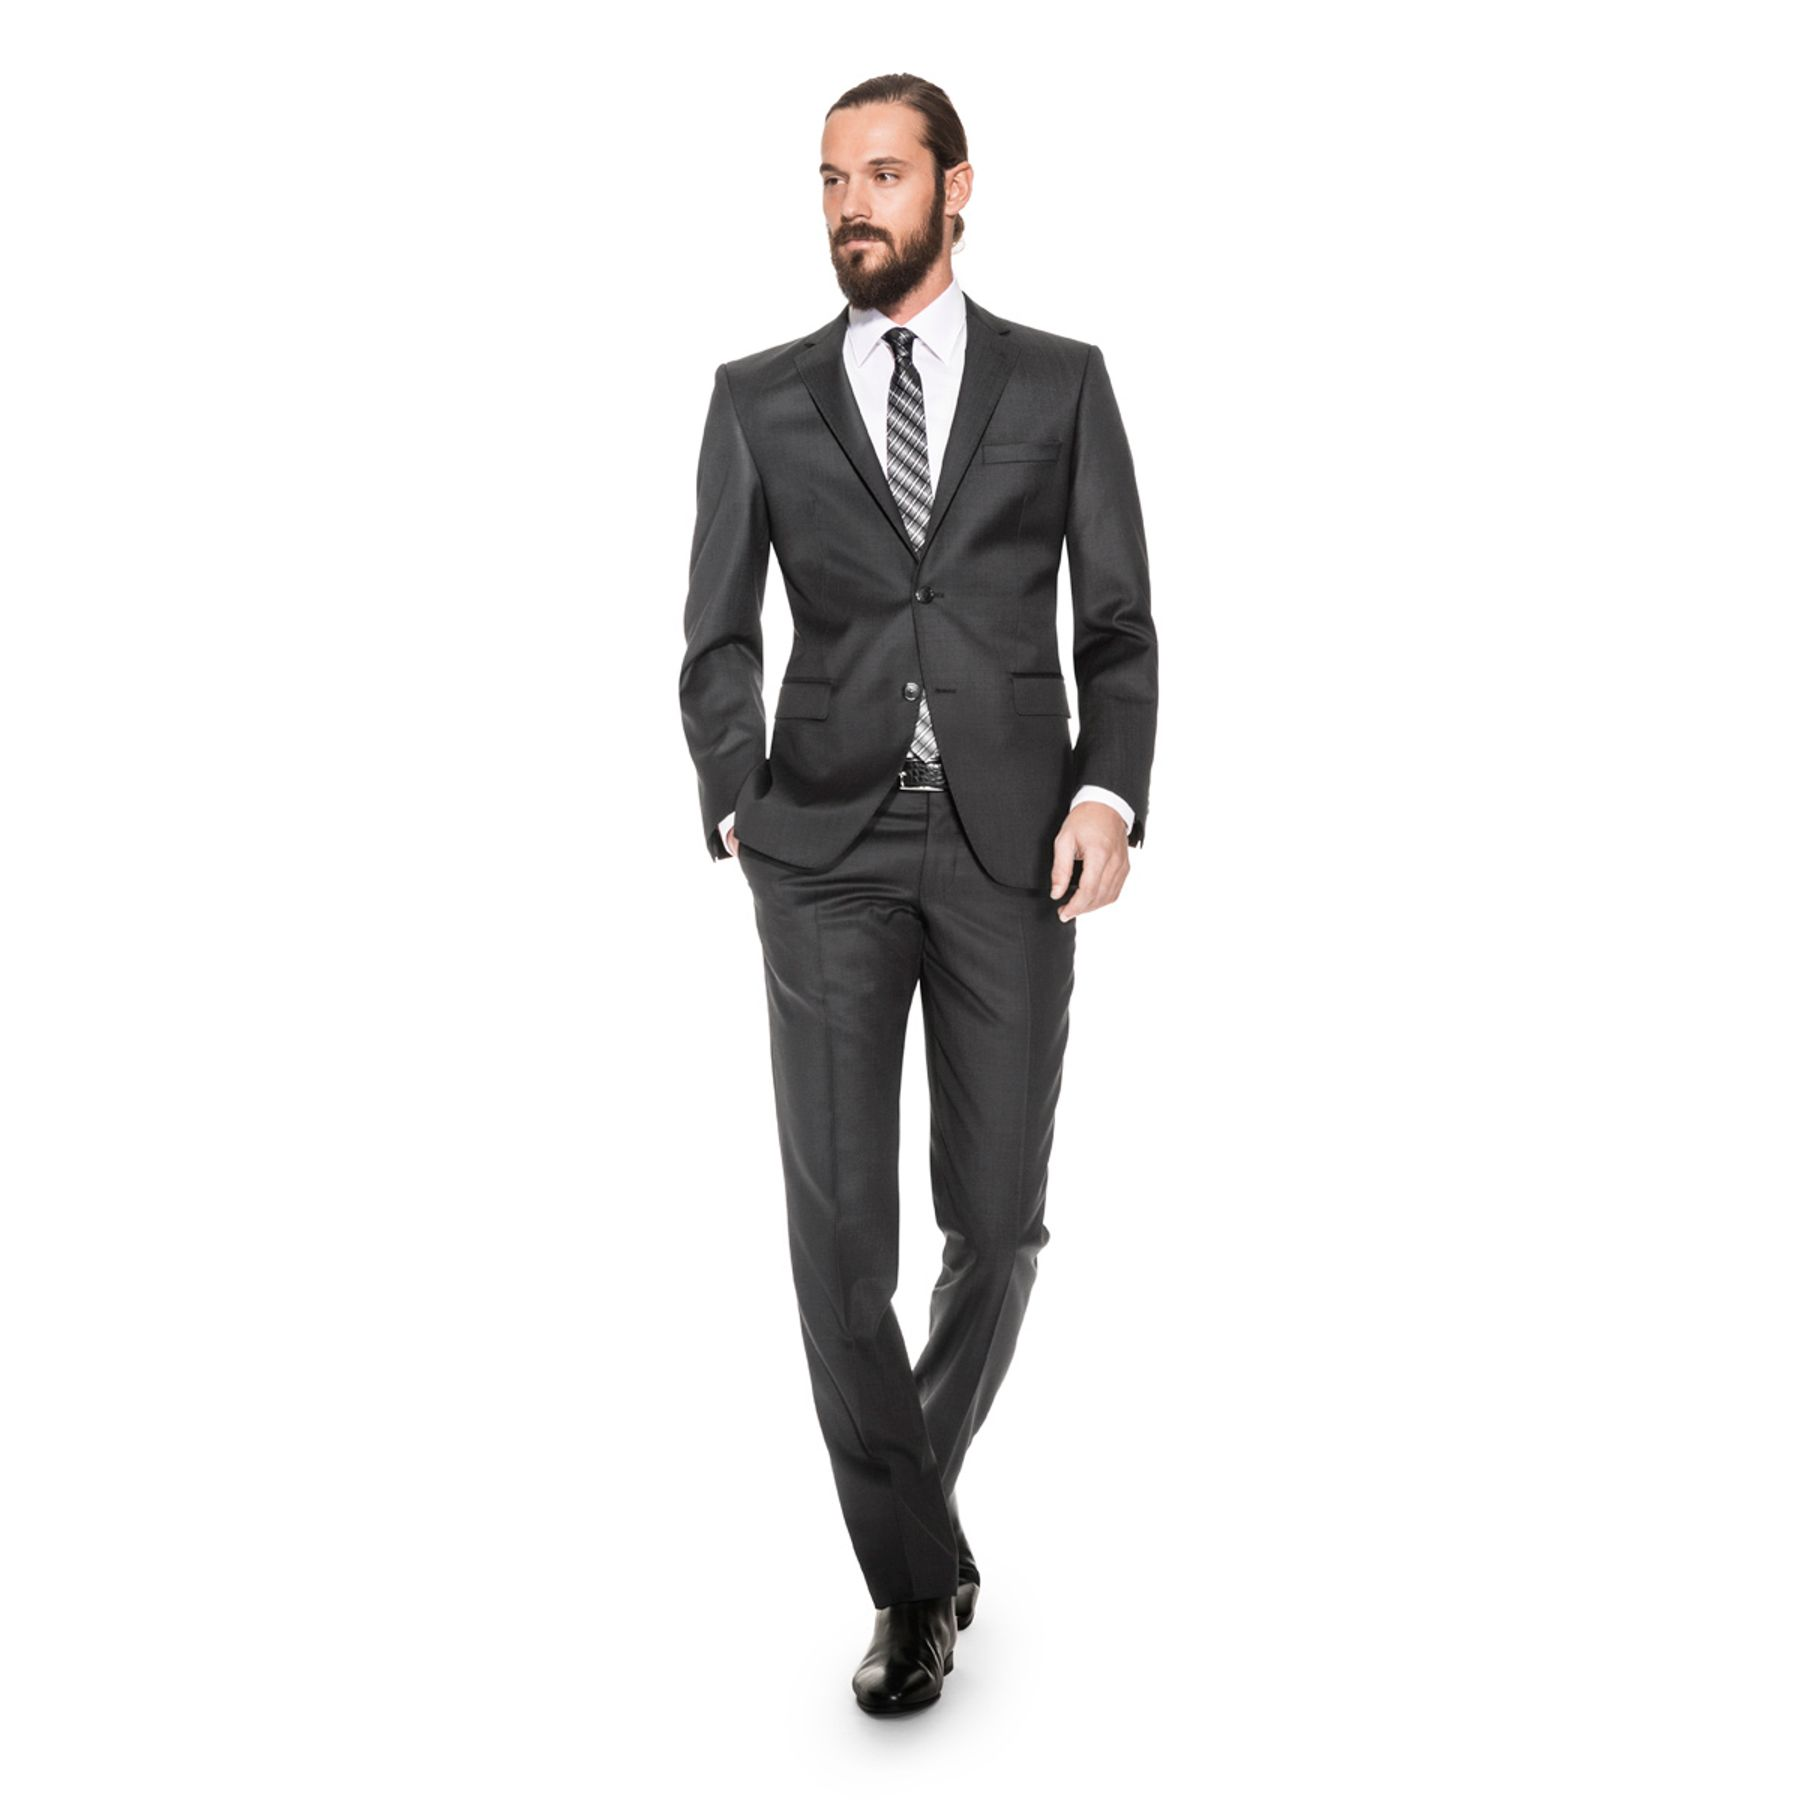 Benvenuto Black - Modern Fit - Herren Baukasten Anzug gemustert aus Super 100'S Schurwolle, (20711, Modell: 62100, 62400) – Bild 3